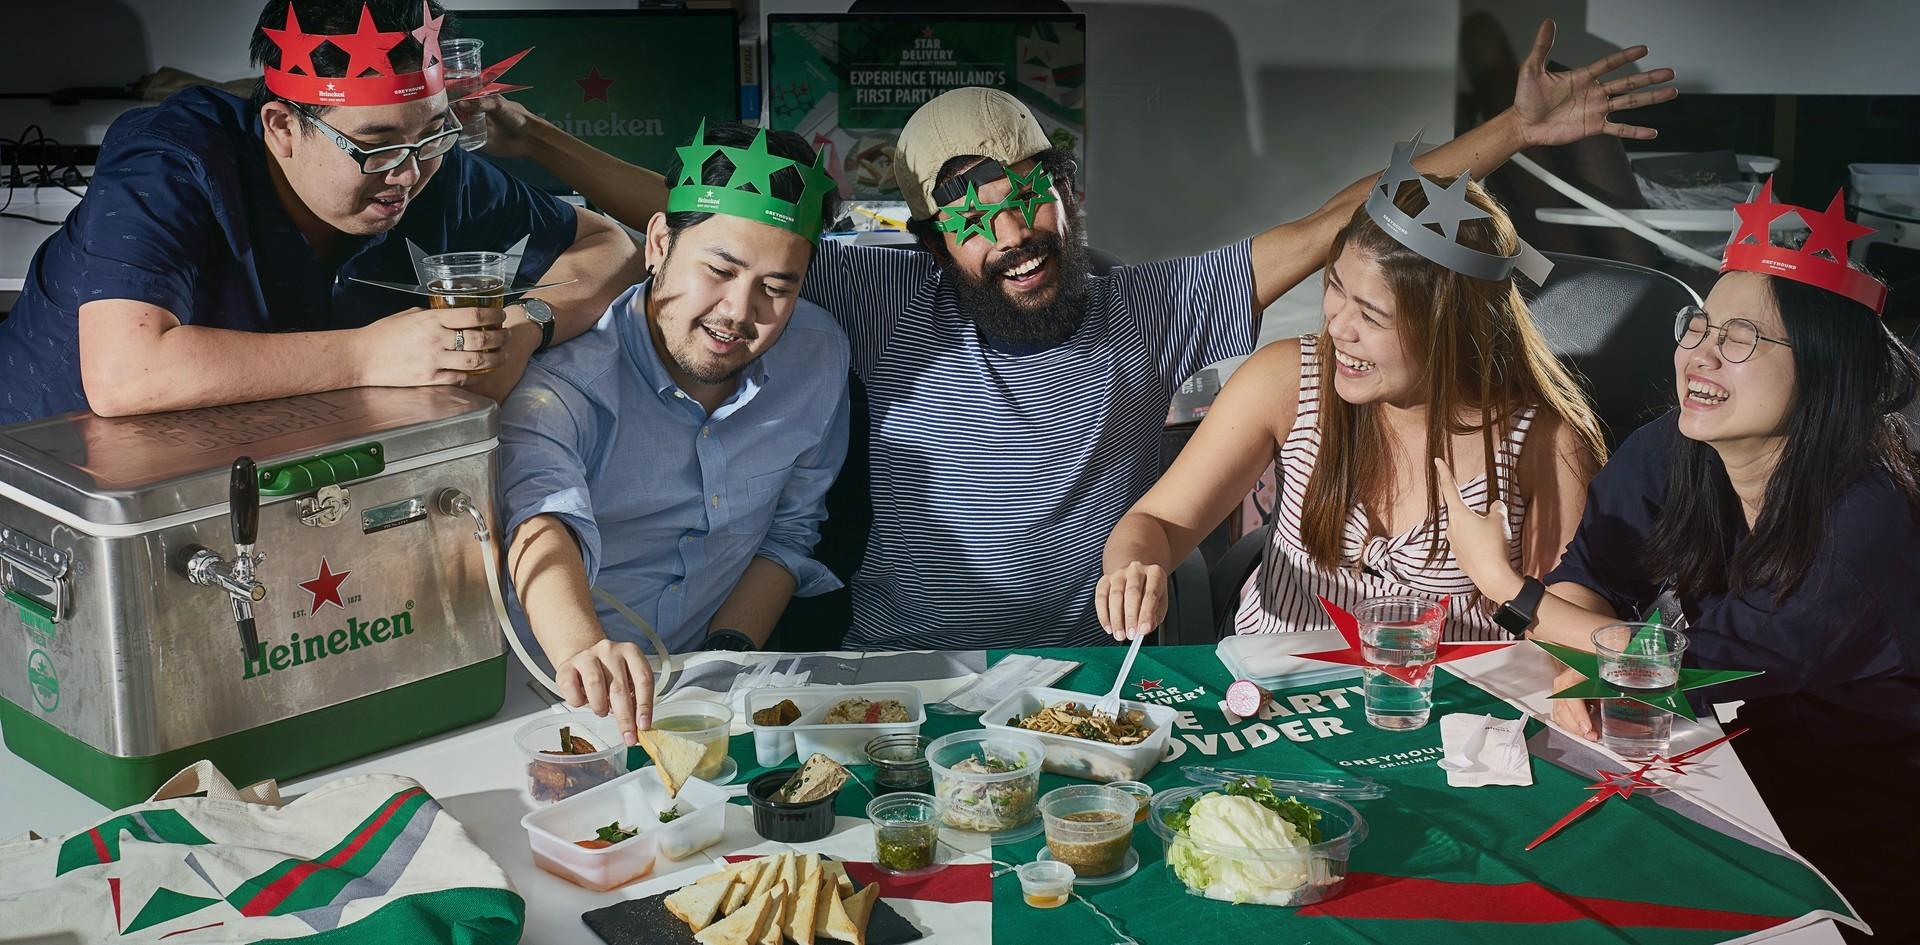 เสิร์ฟความสุขถึงบ้าน! ส่งท้ายปีด้วยปาร์ตี้เซตจาก Heineken x Greyhound